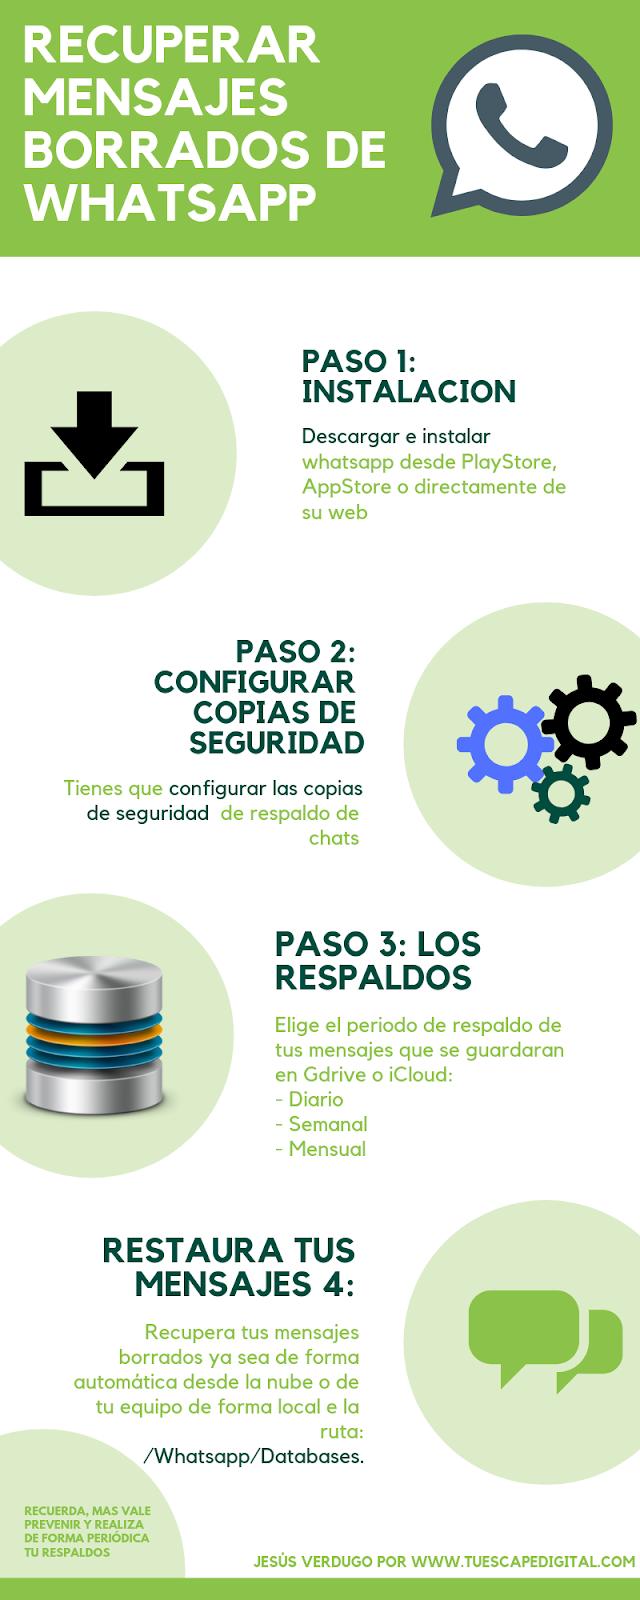 infografia-recuperar-conversaciones-whatsapp